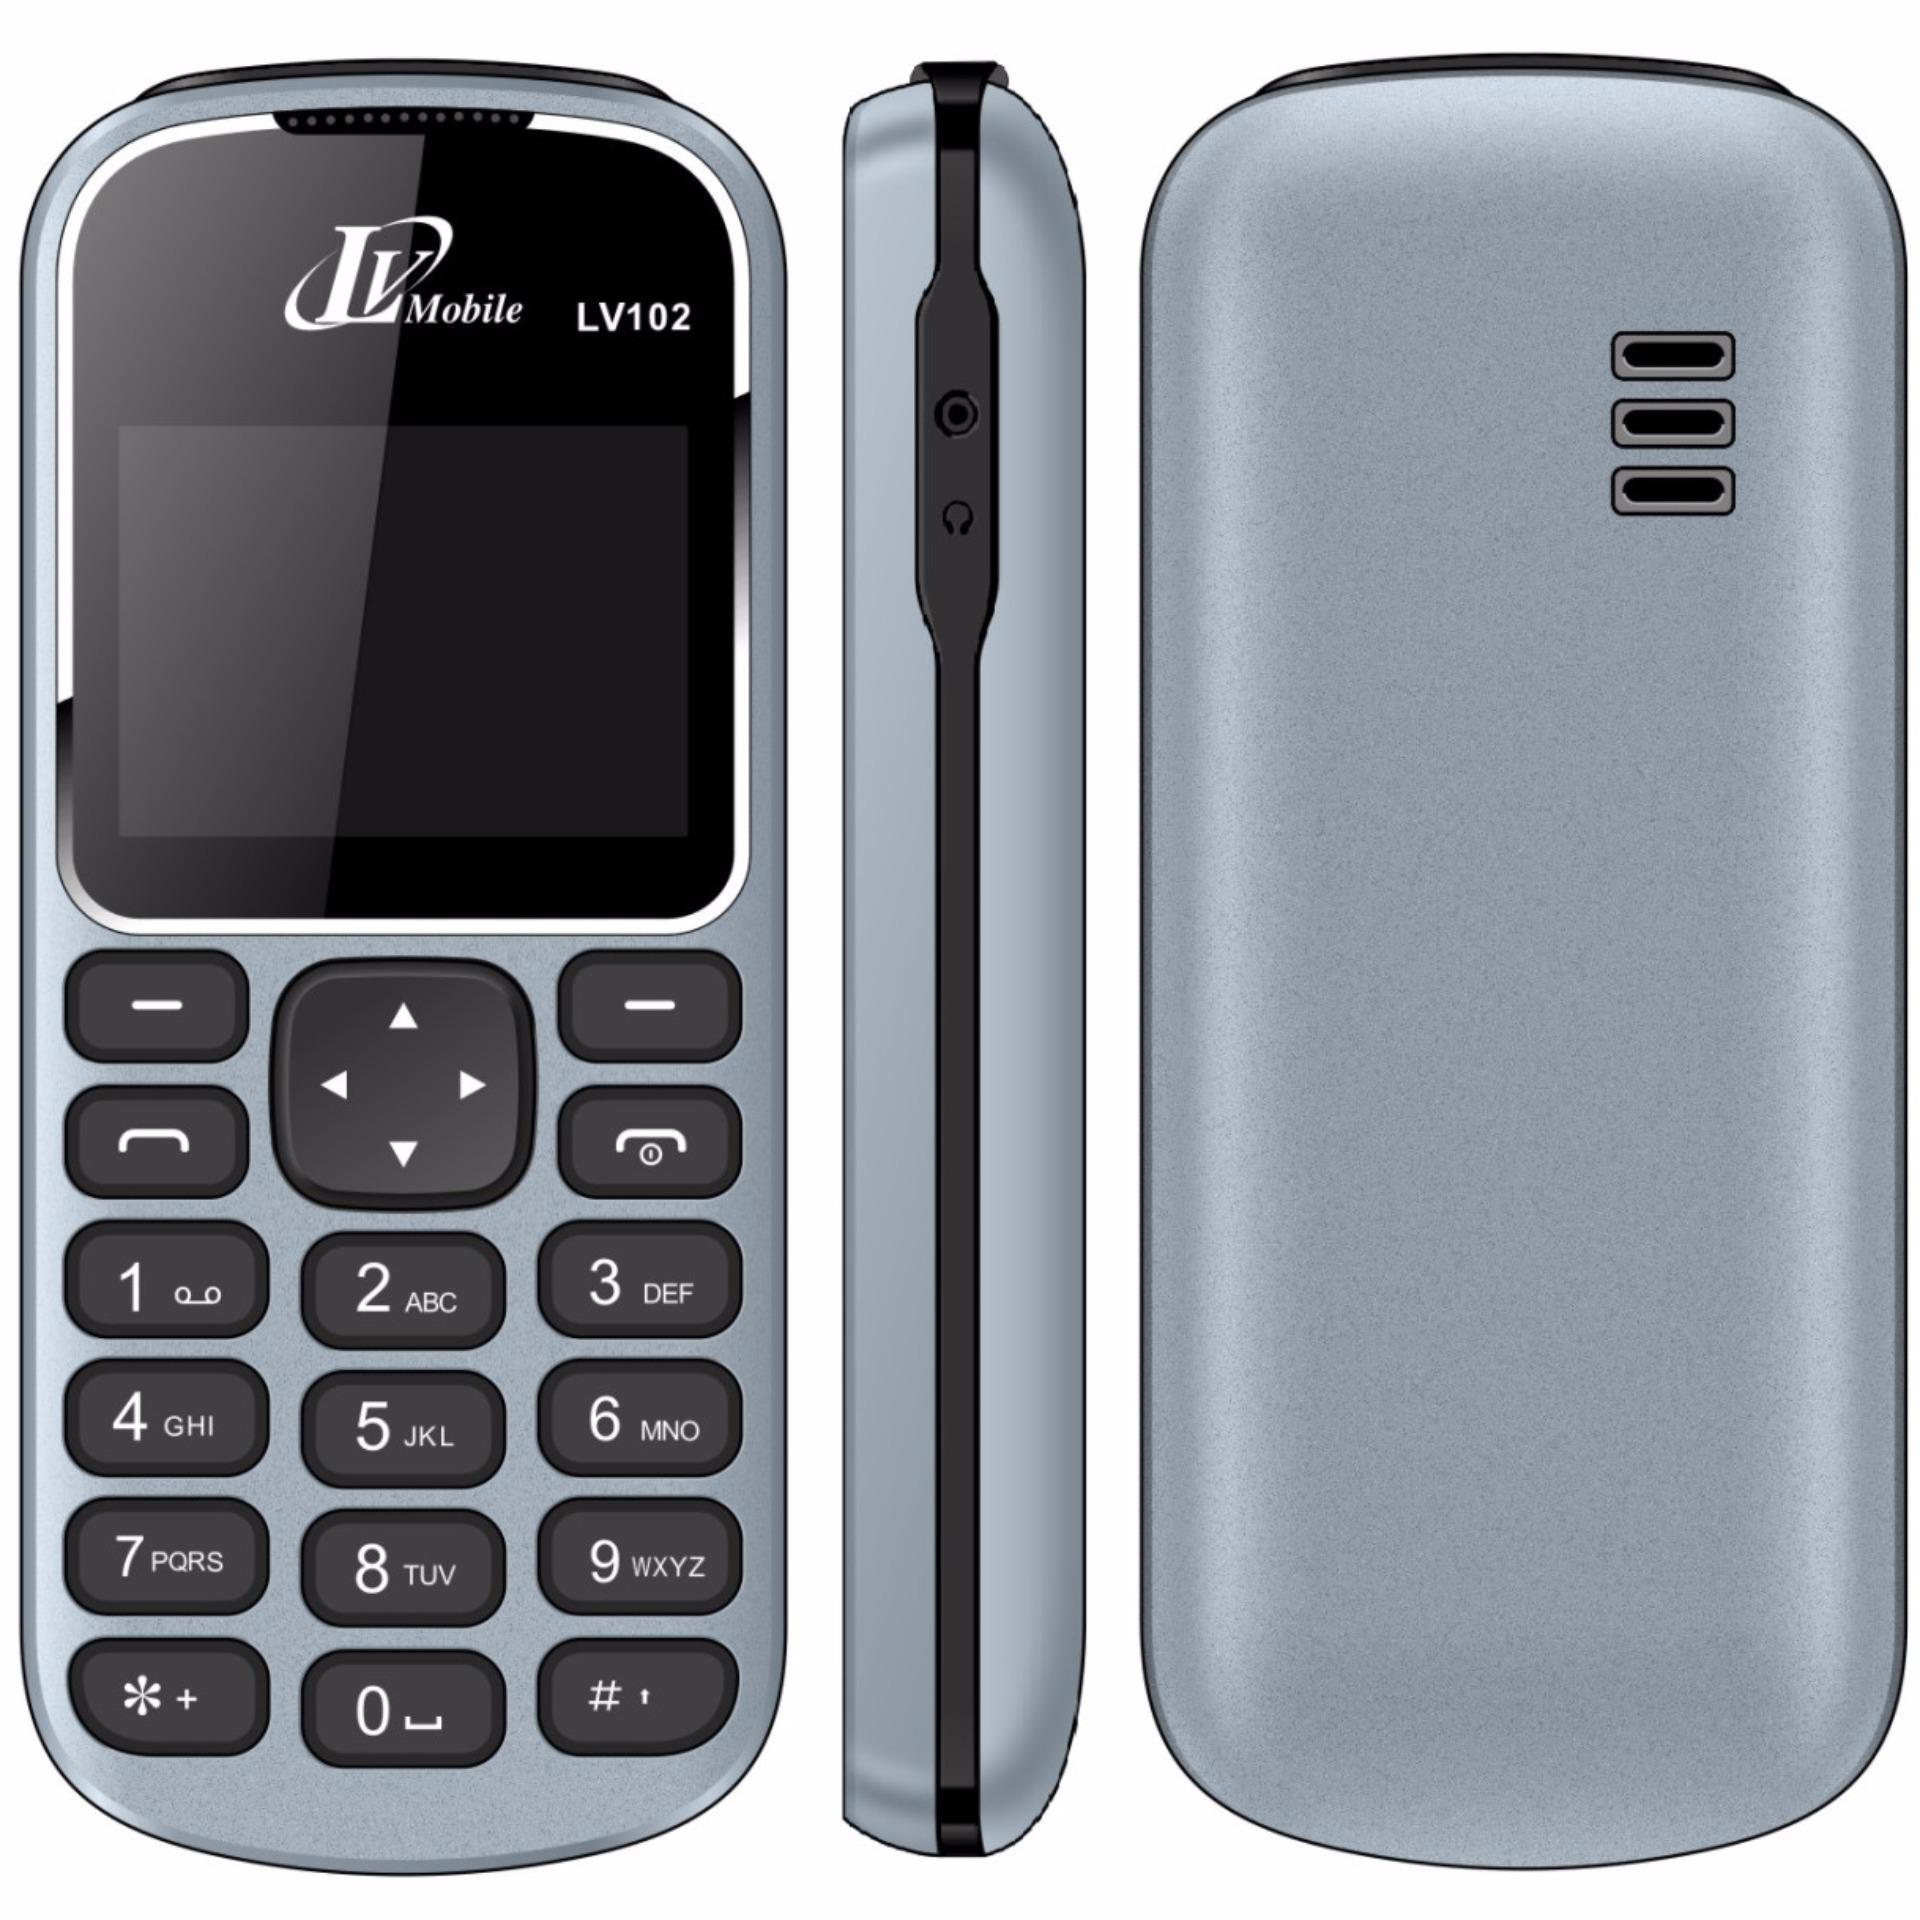 (VỀ LẠI ĐỦ MÀU) Điện thoại RẺ BỀN LV102 chính hãng BH 12T TẶNG 2 (Tặng Túi Chống Nước + Khăn Lau Máy)